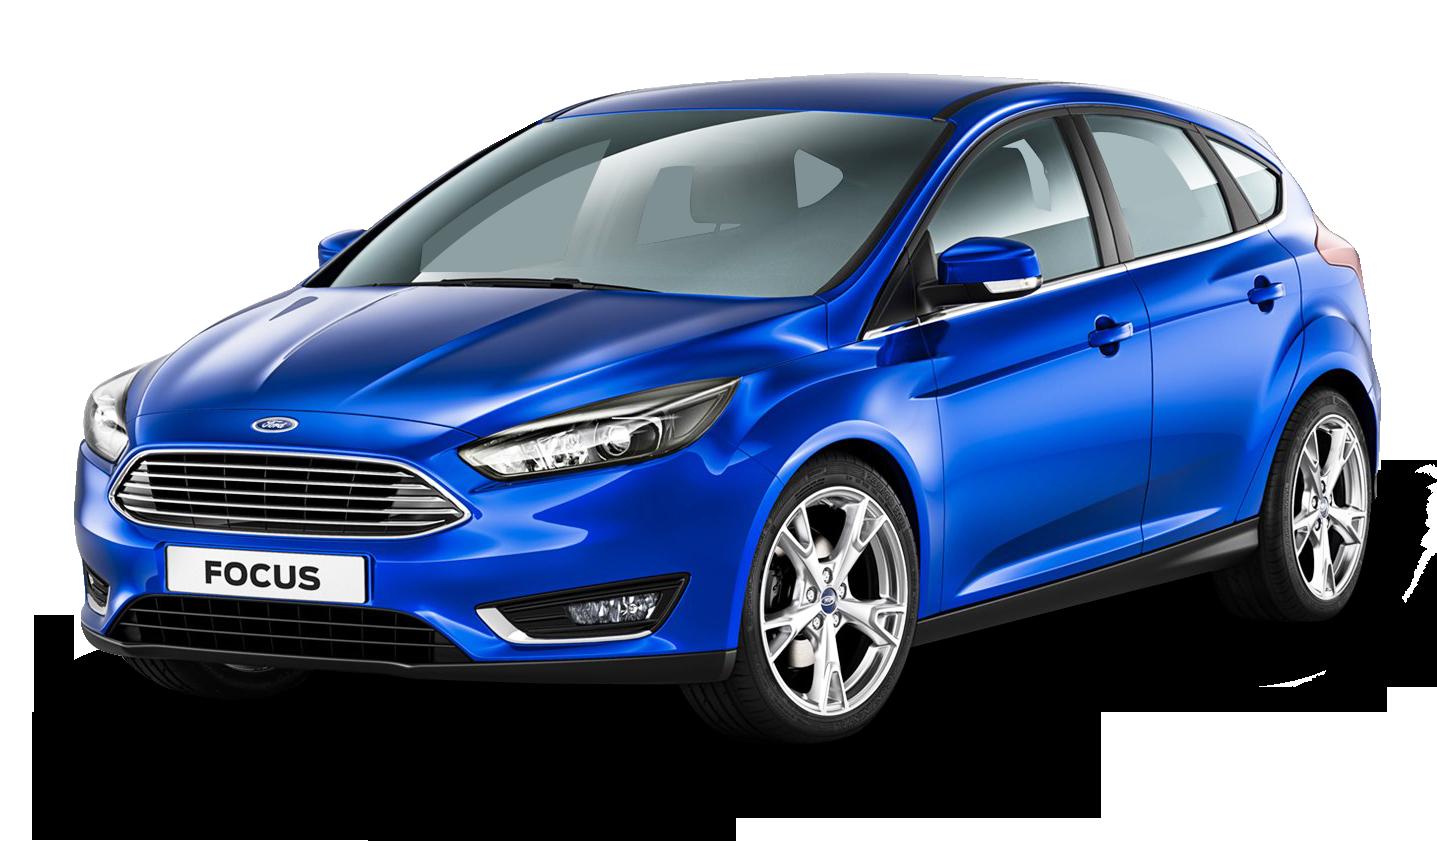 Blue Ford Focus Car